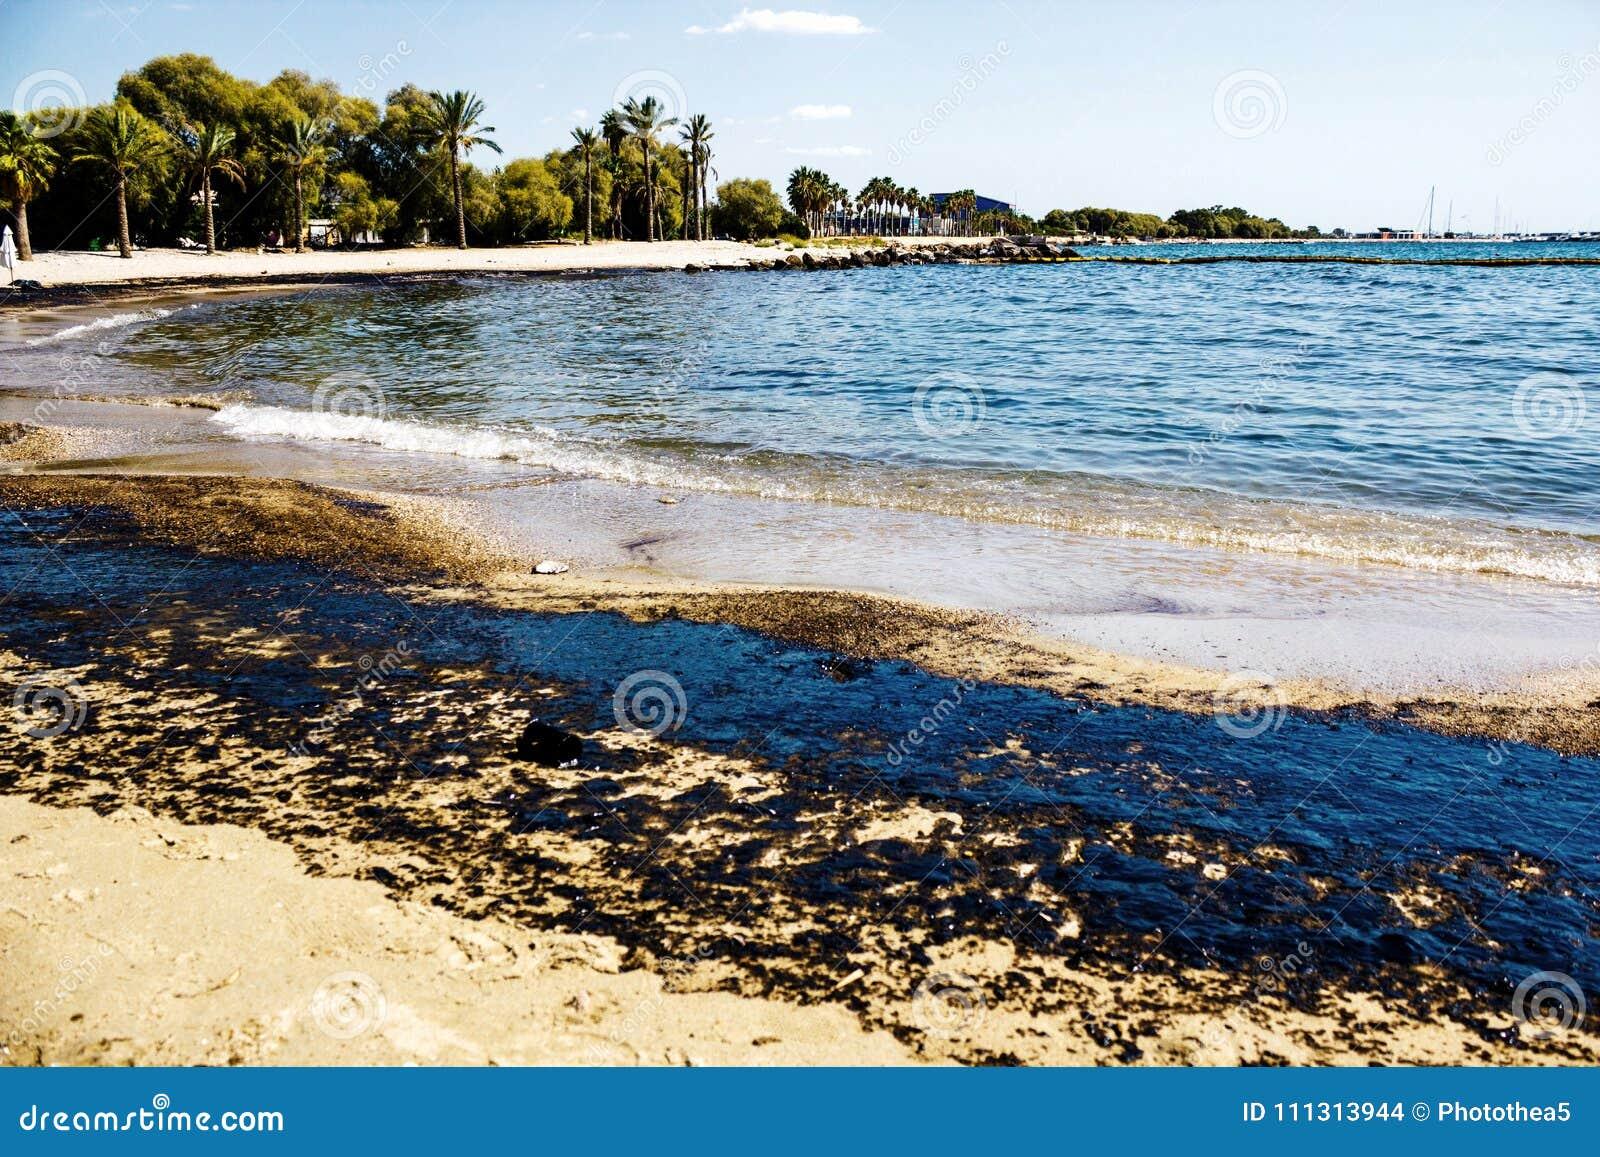 原油溢出纹理在沙子海滩从漏油事故,贴水Kosmas海湾,雅典,希腊, 2017年9月14日的